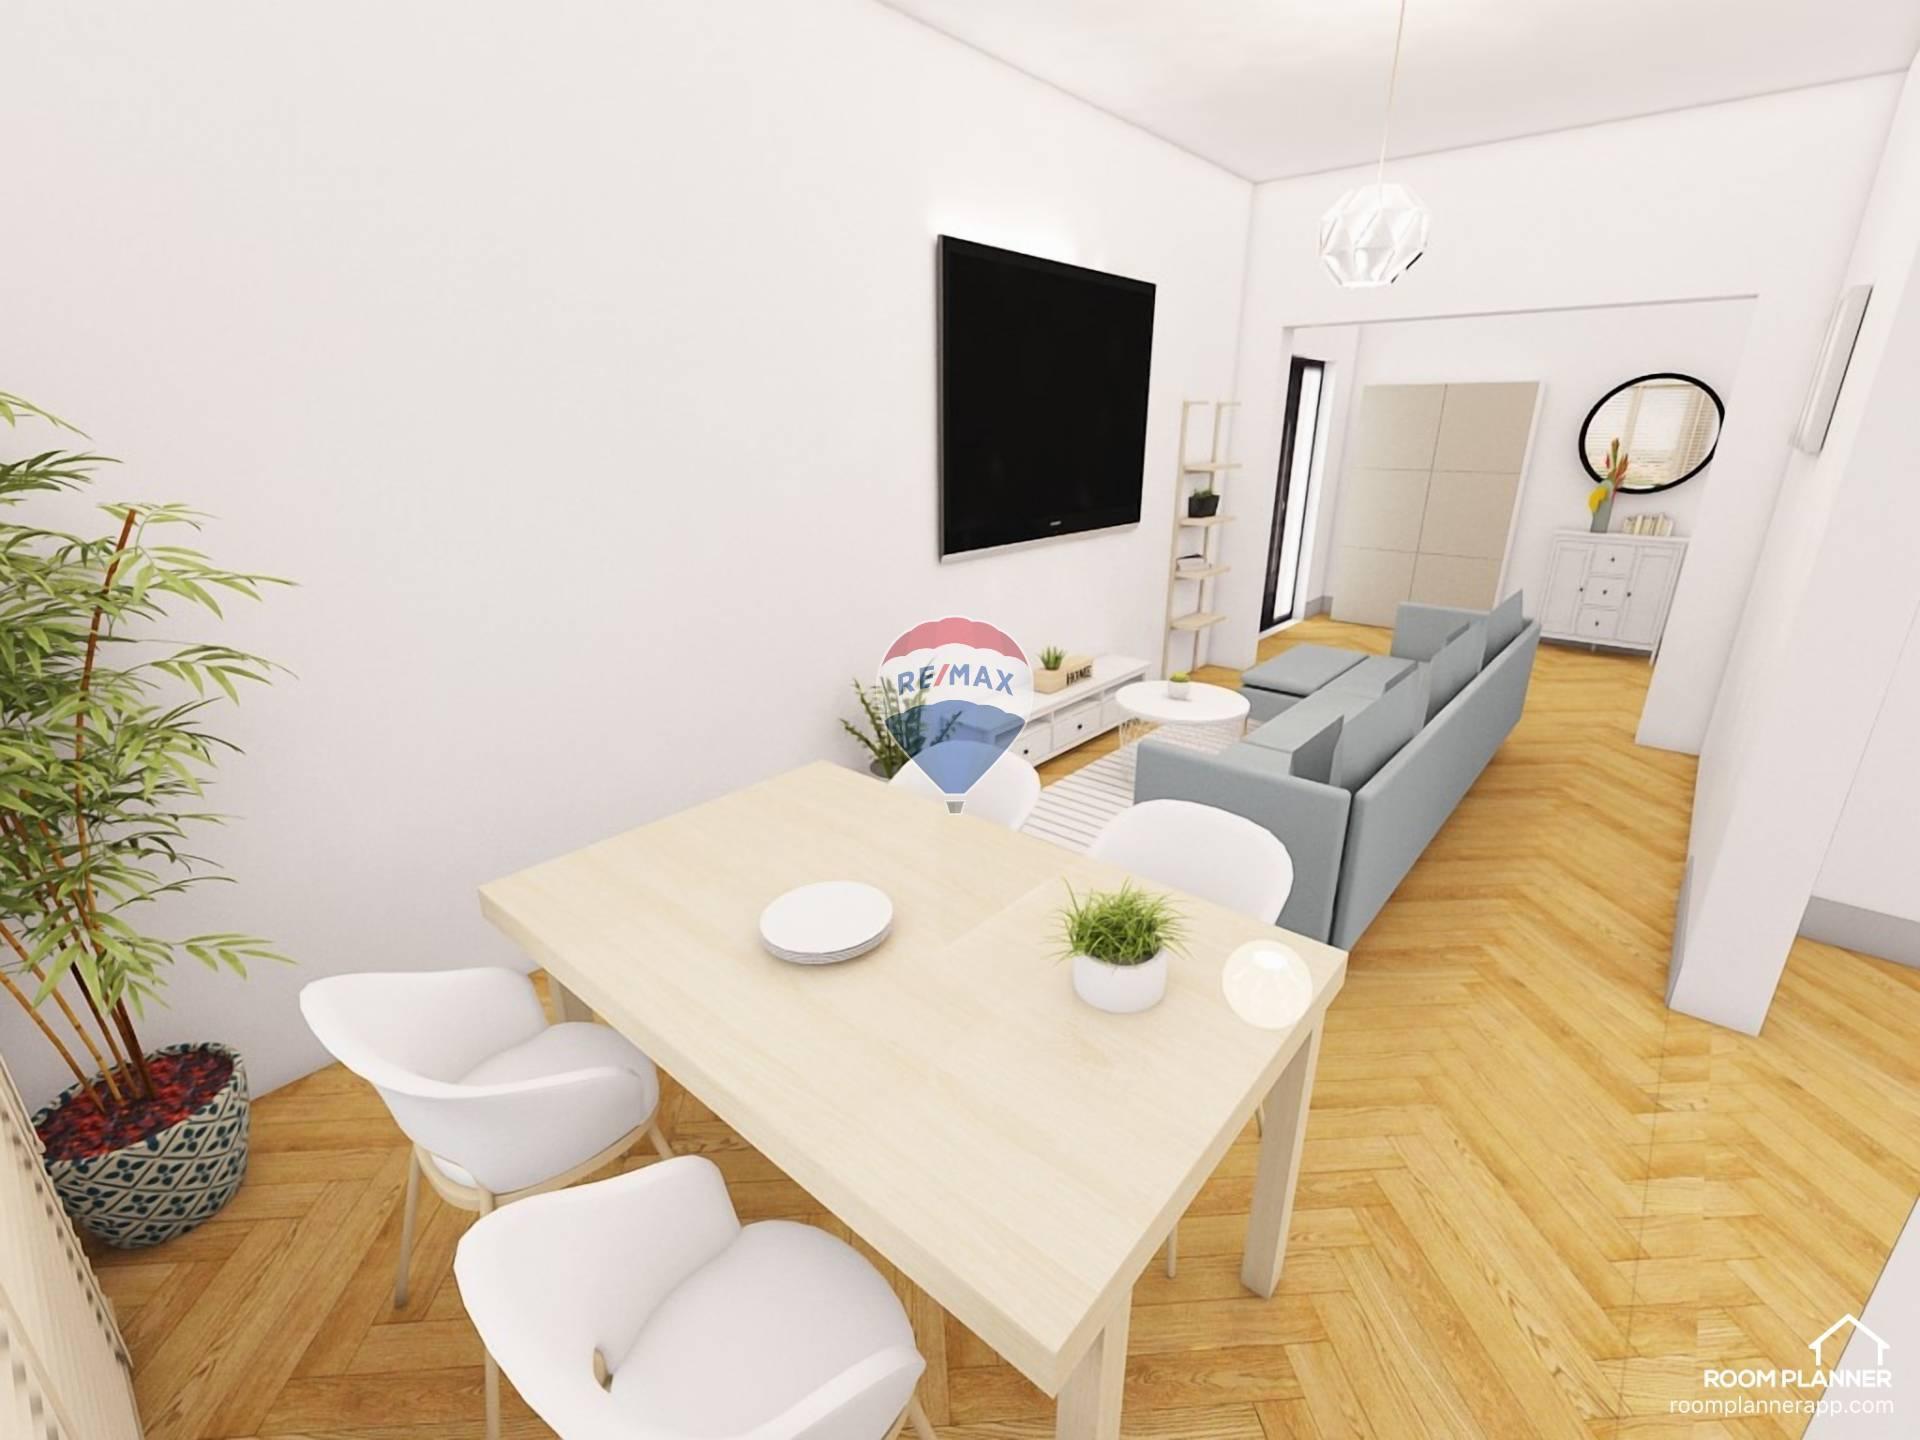 Predaj bytu (3 izbový) 77 m2, Spišská Nová Ves -